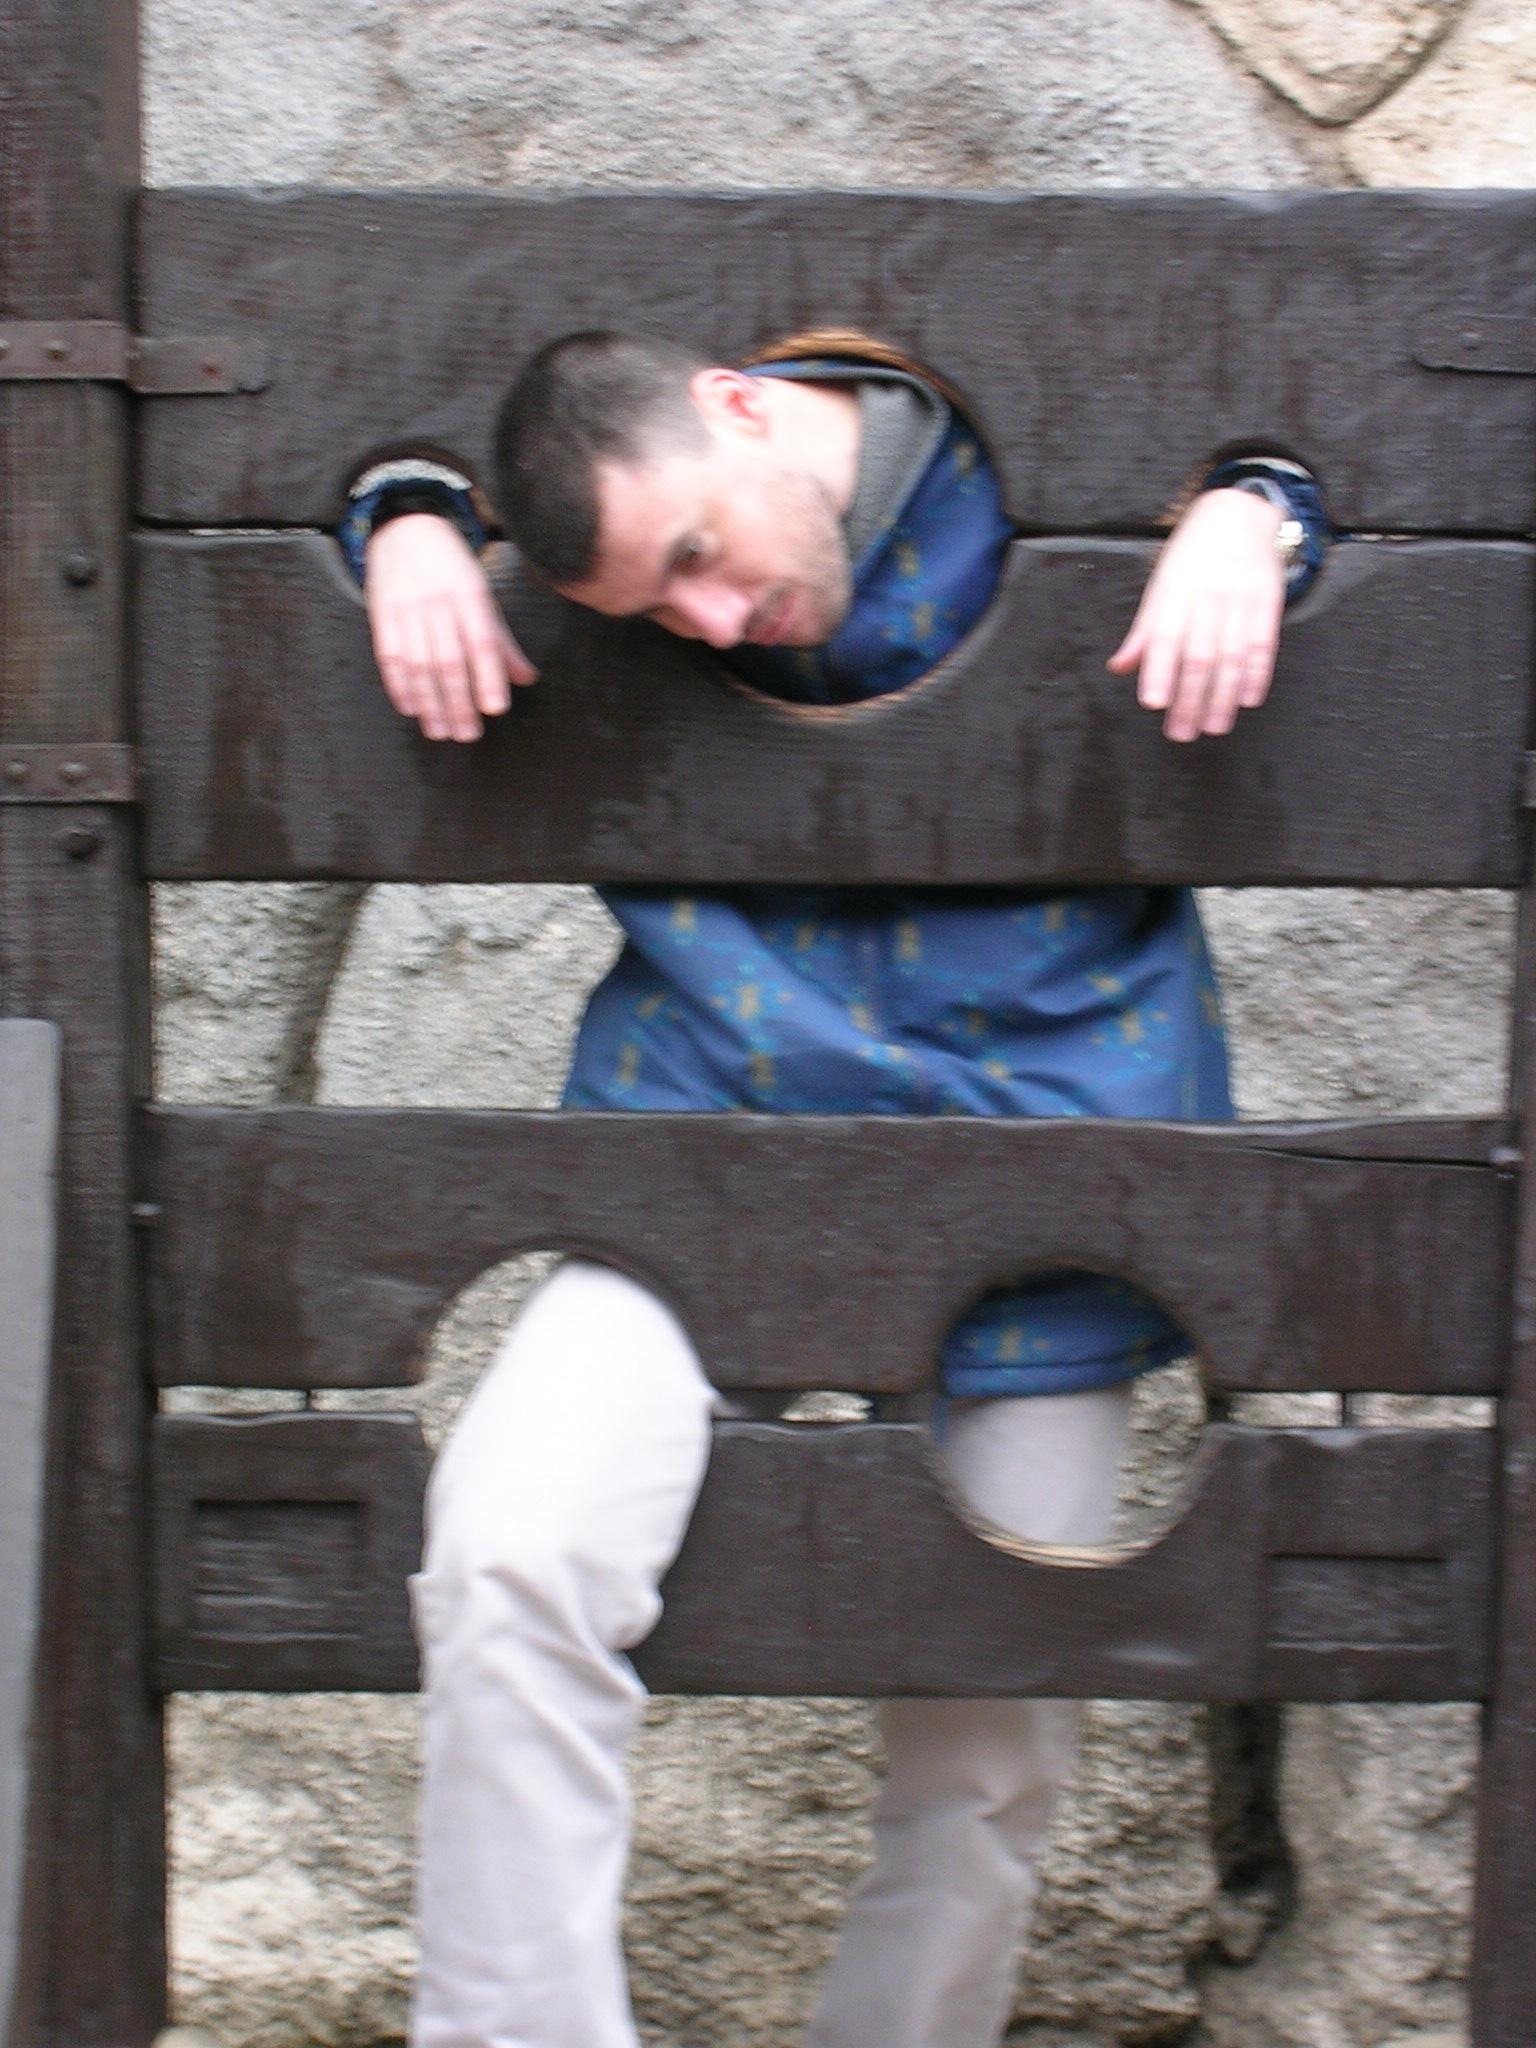 Photo 14 - Joruus29 arrêté pour ivresse sur la voie publique